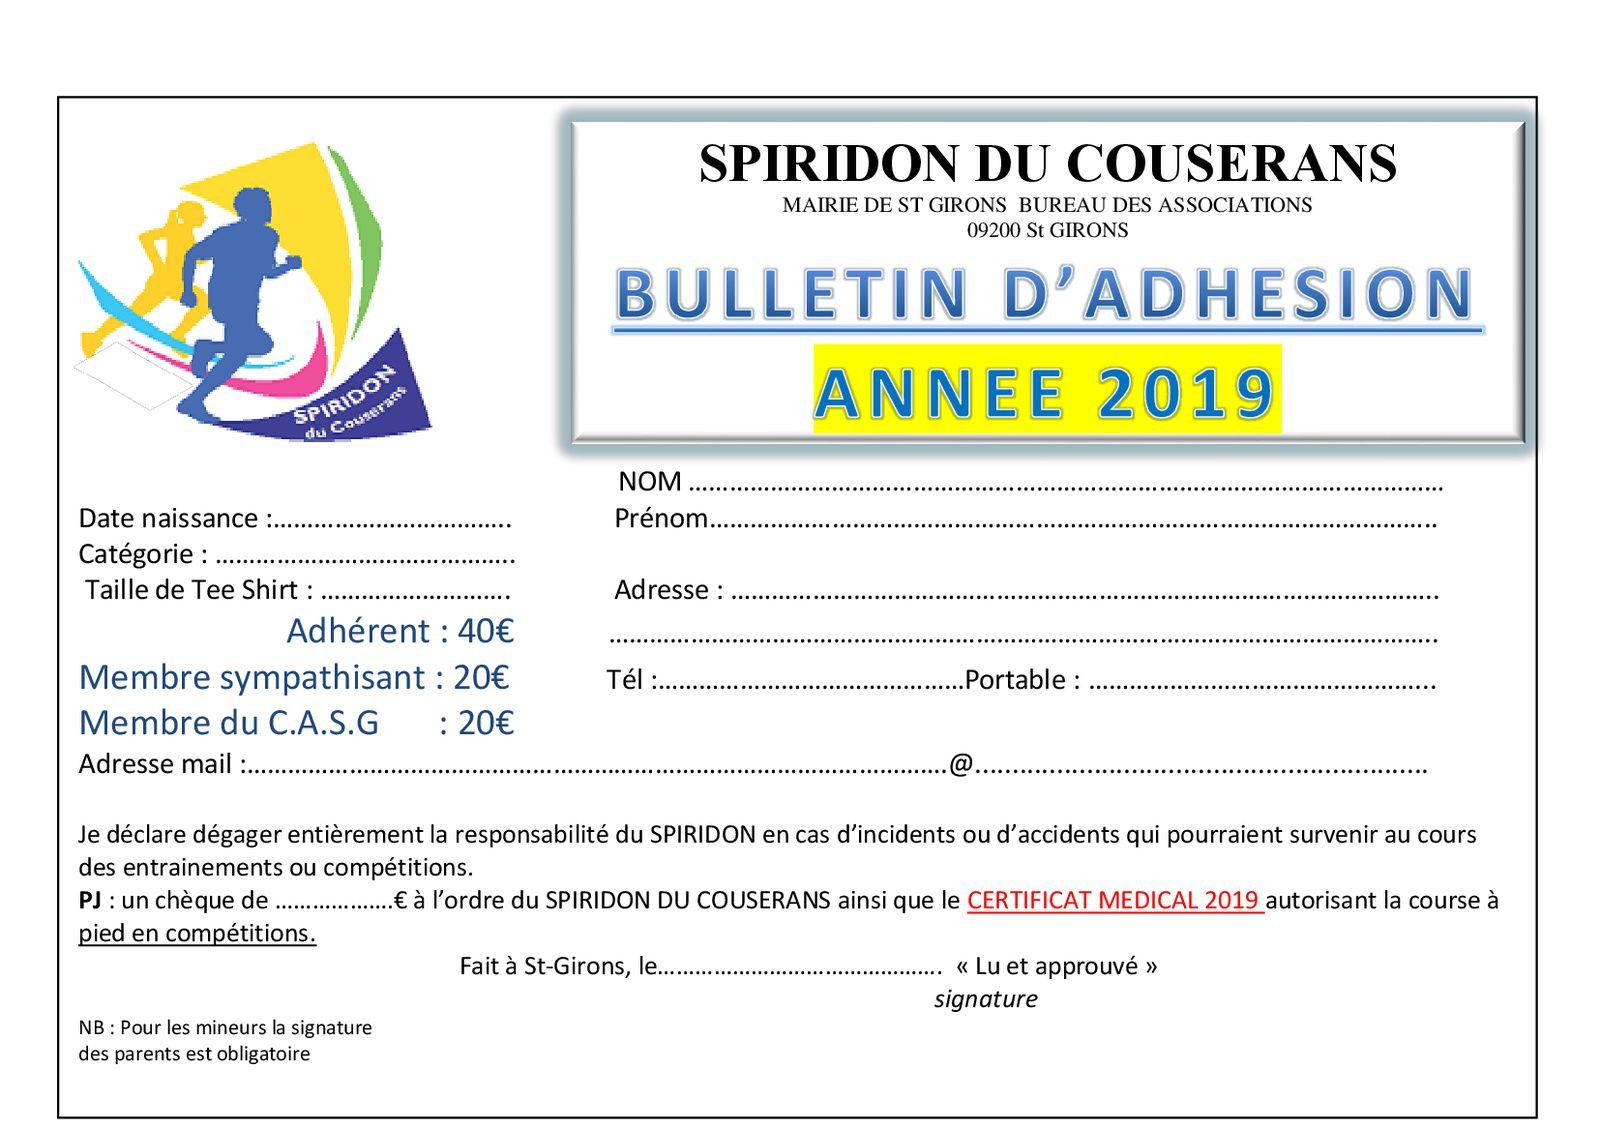 Le bulletin d'adhésion 2019